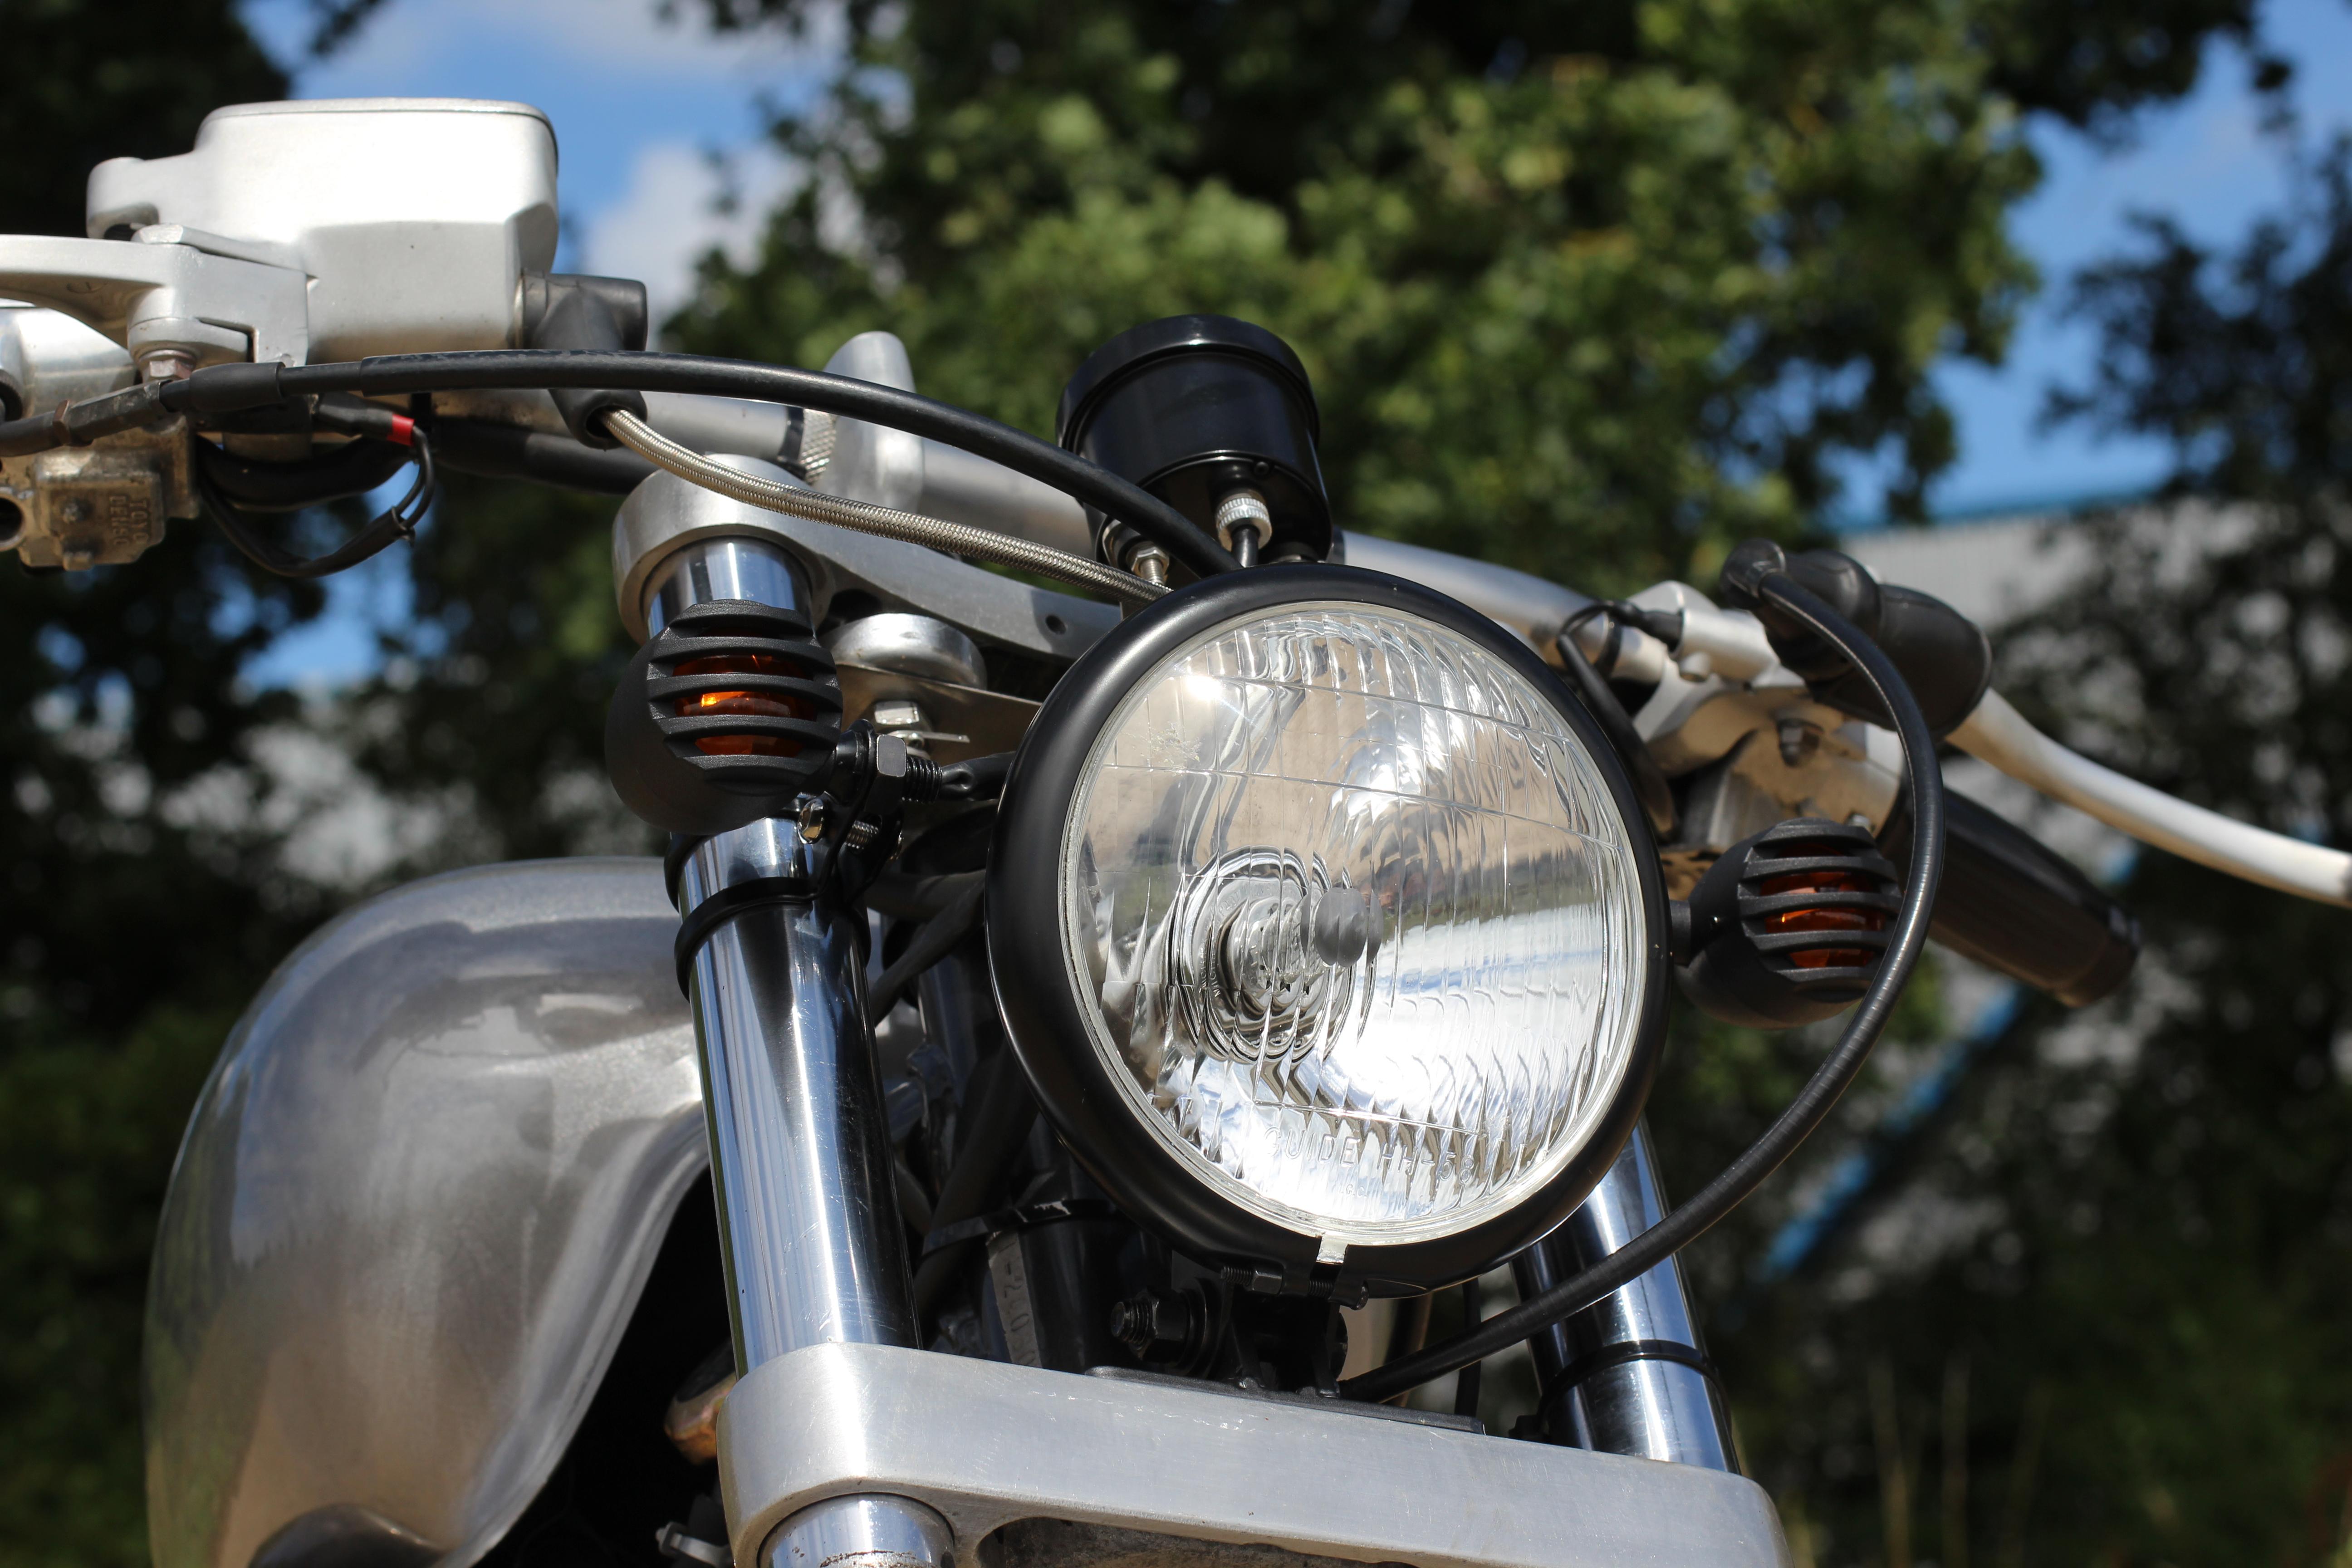 Honda VT 600 front close